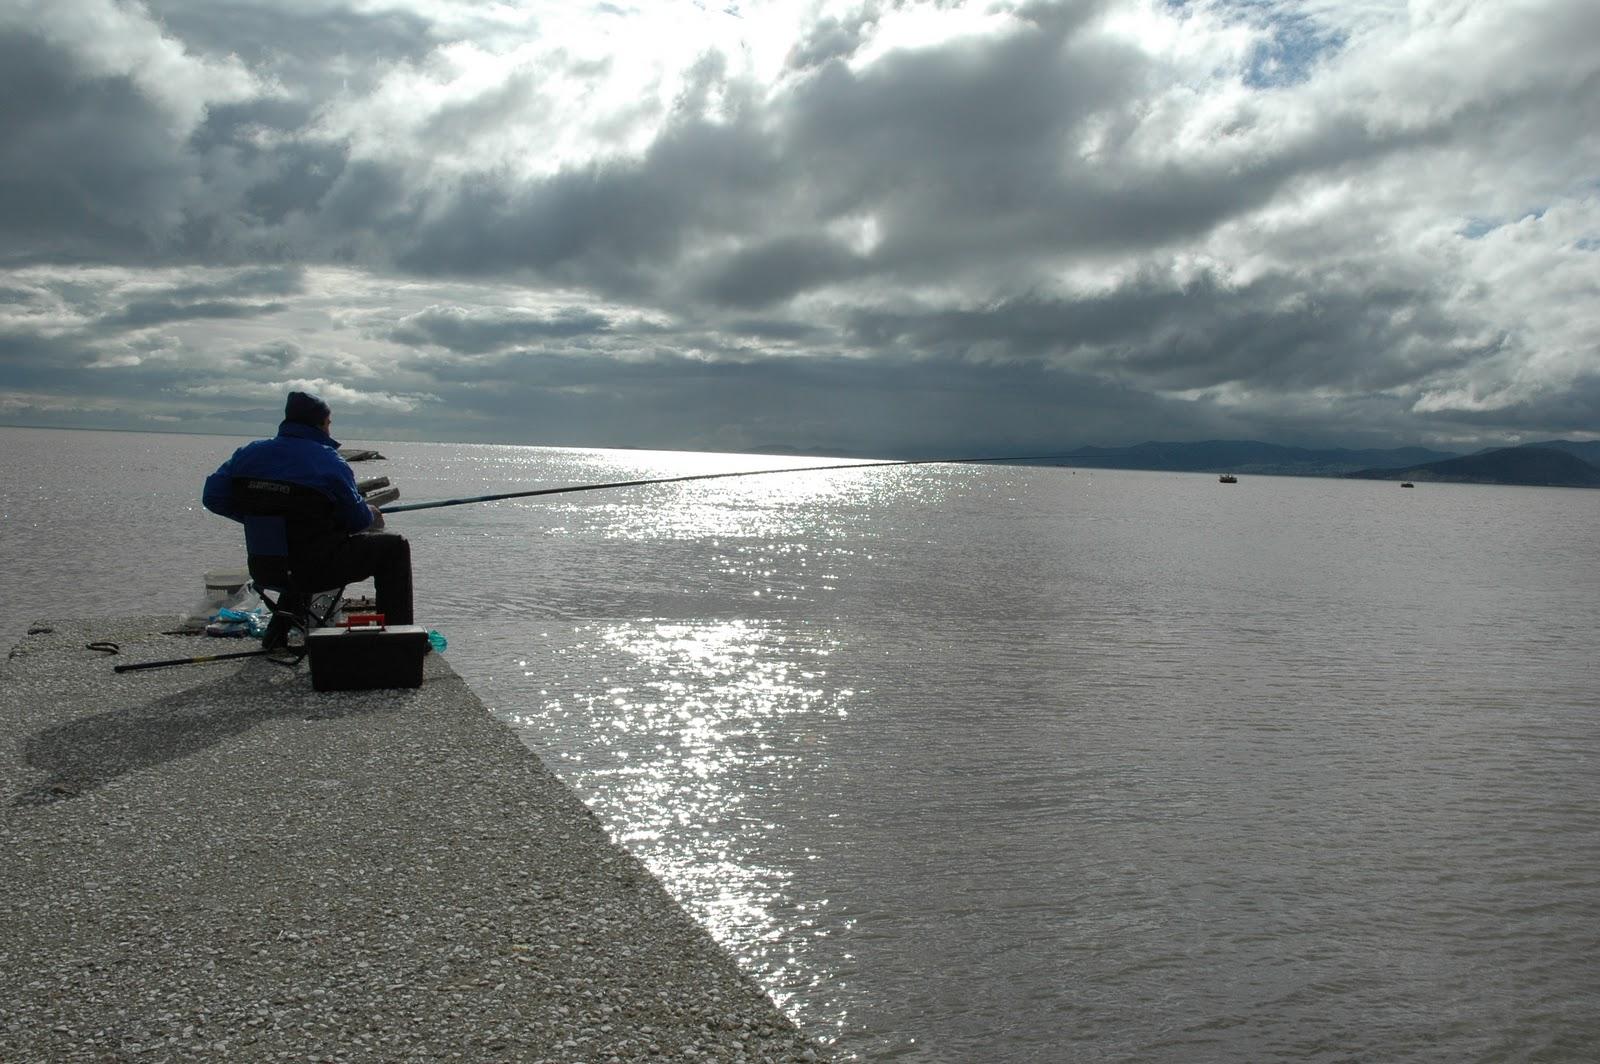 Ἐκλογές;;; Εὐκαιρία γιὰ ...ψάρεμα!!!